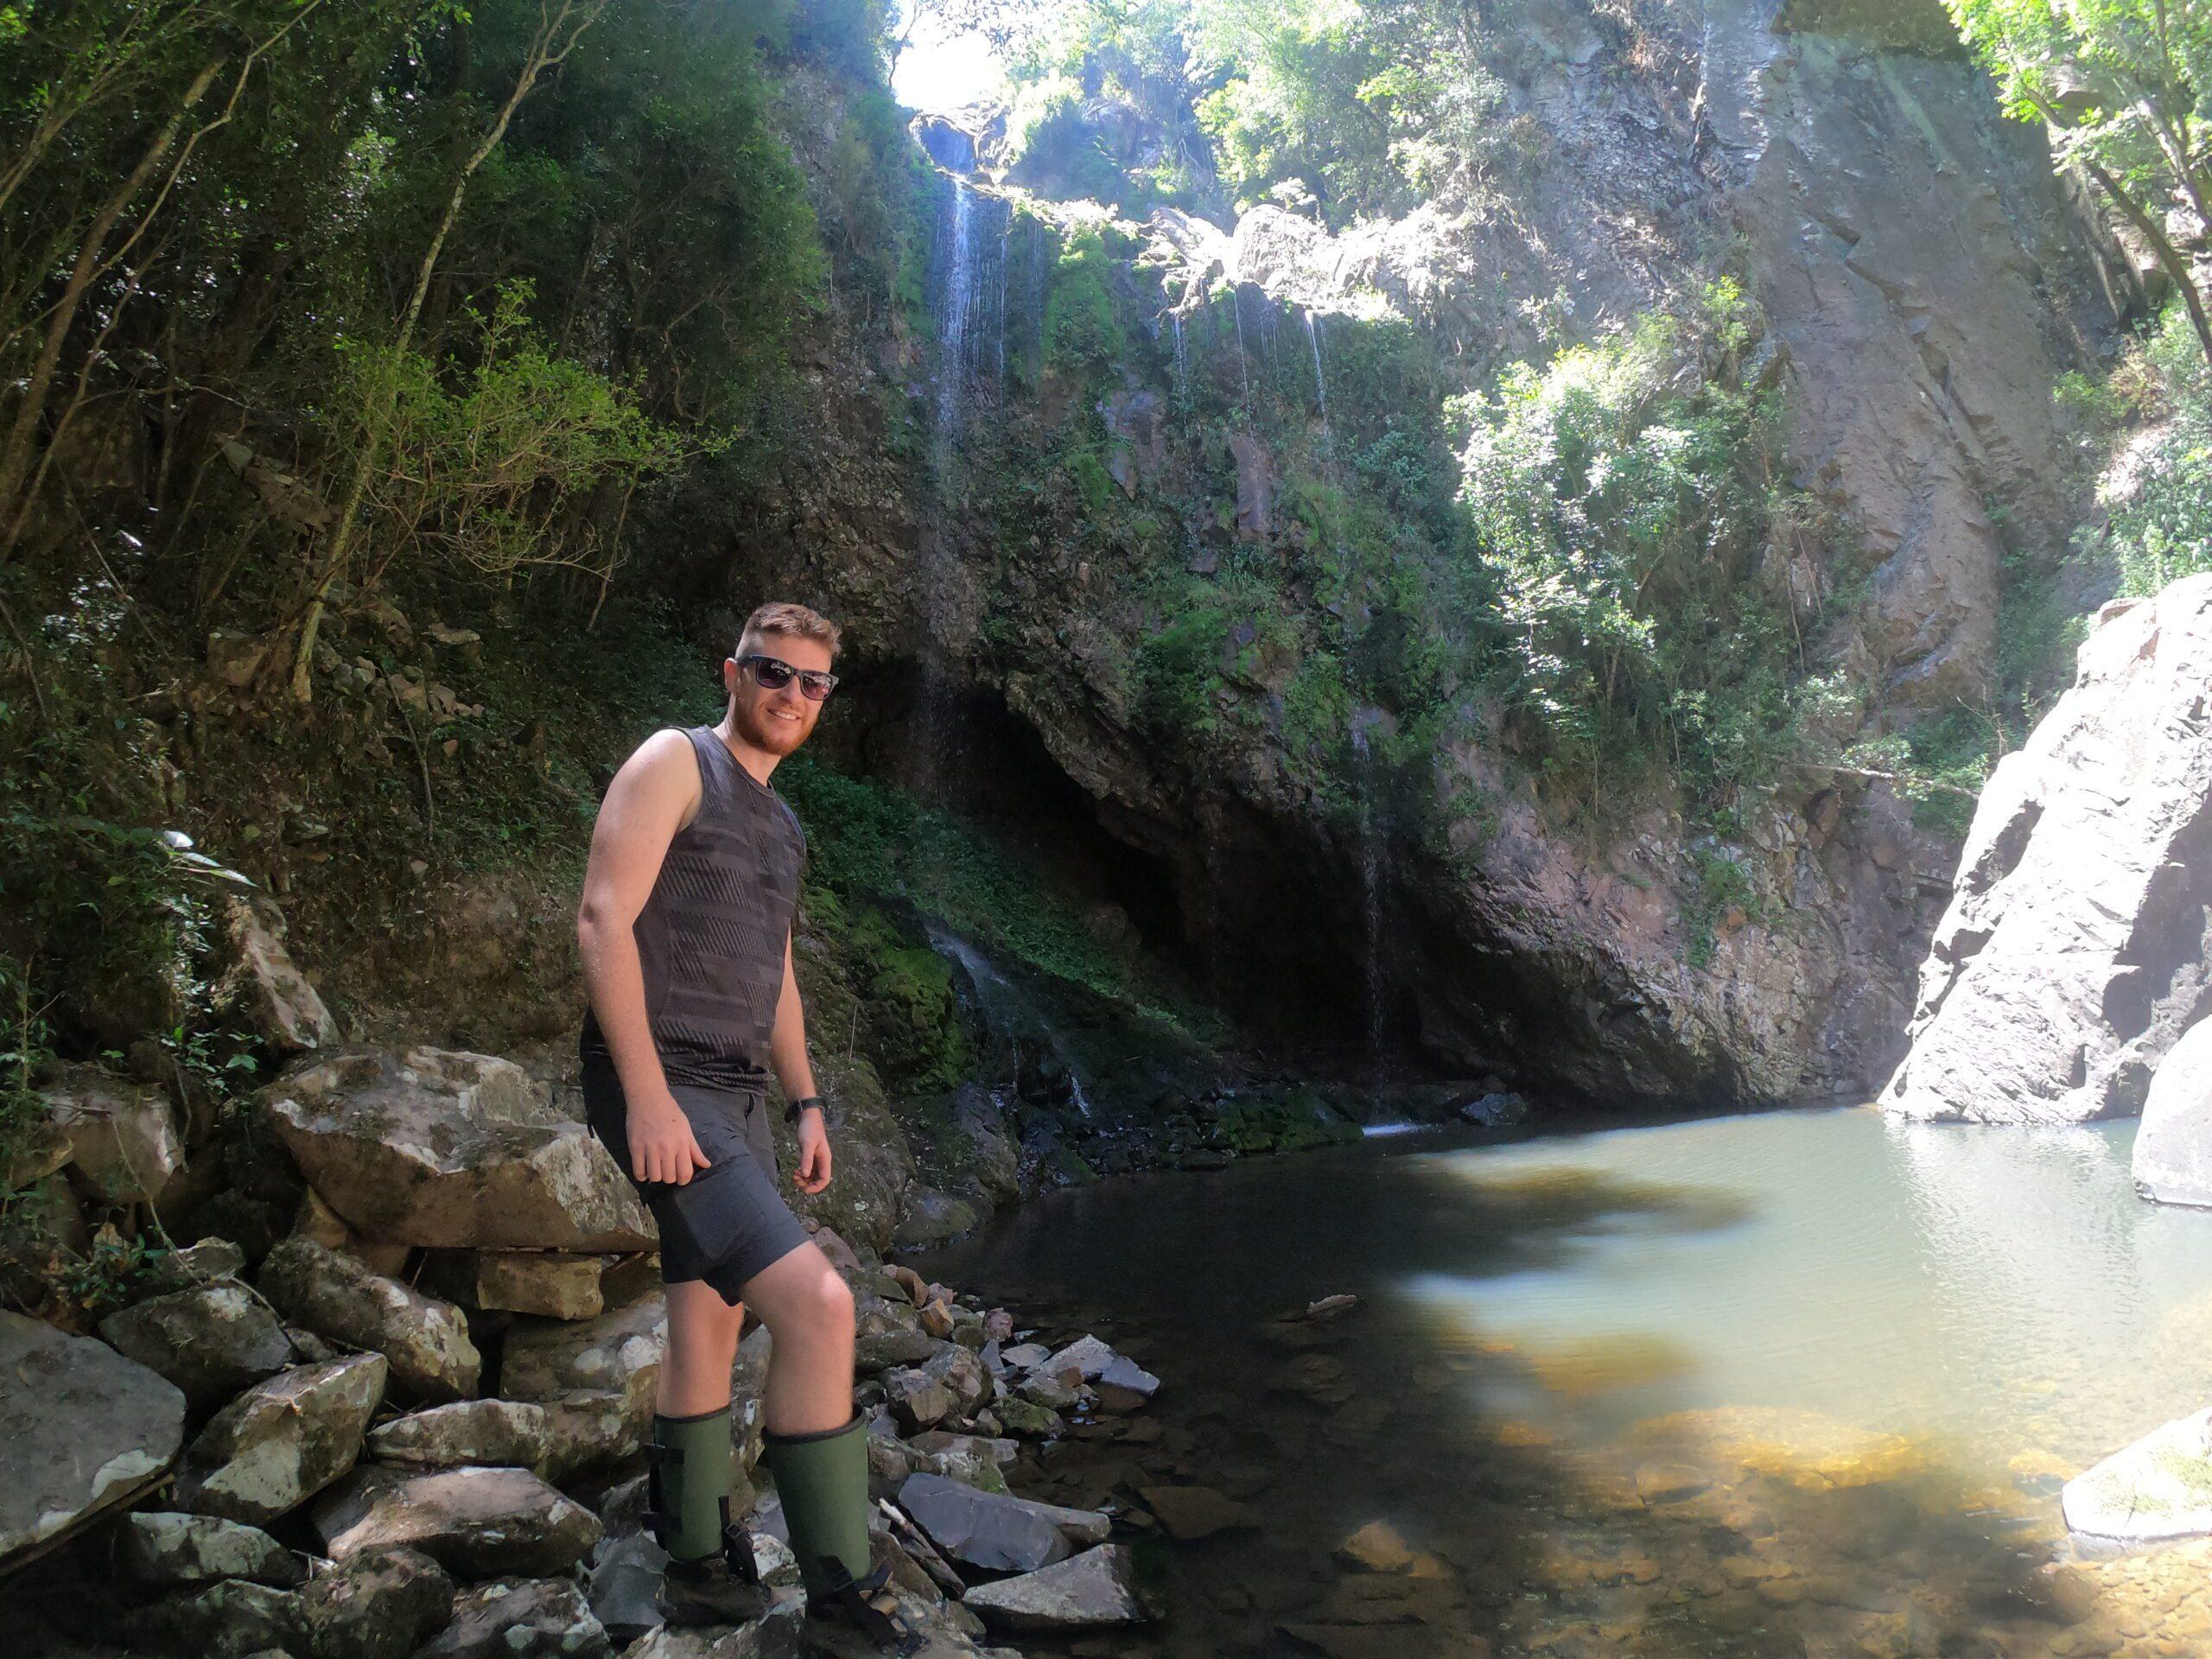 Cascata do Donato - Itapuca/RS